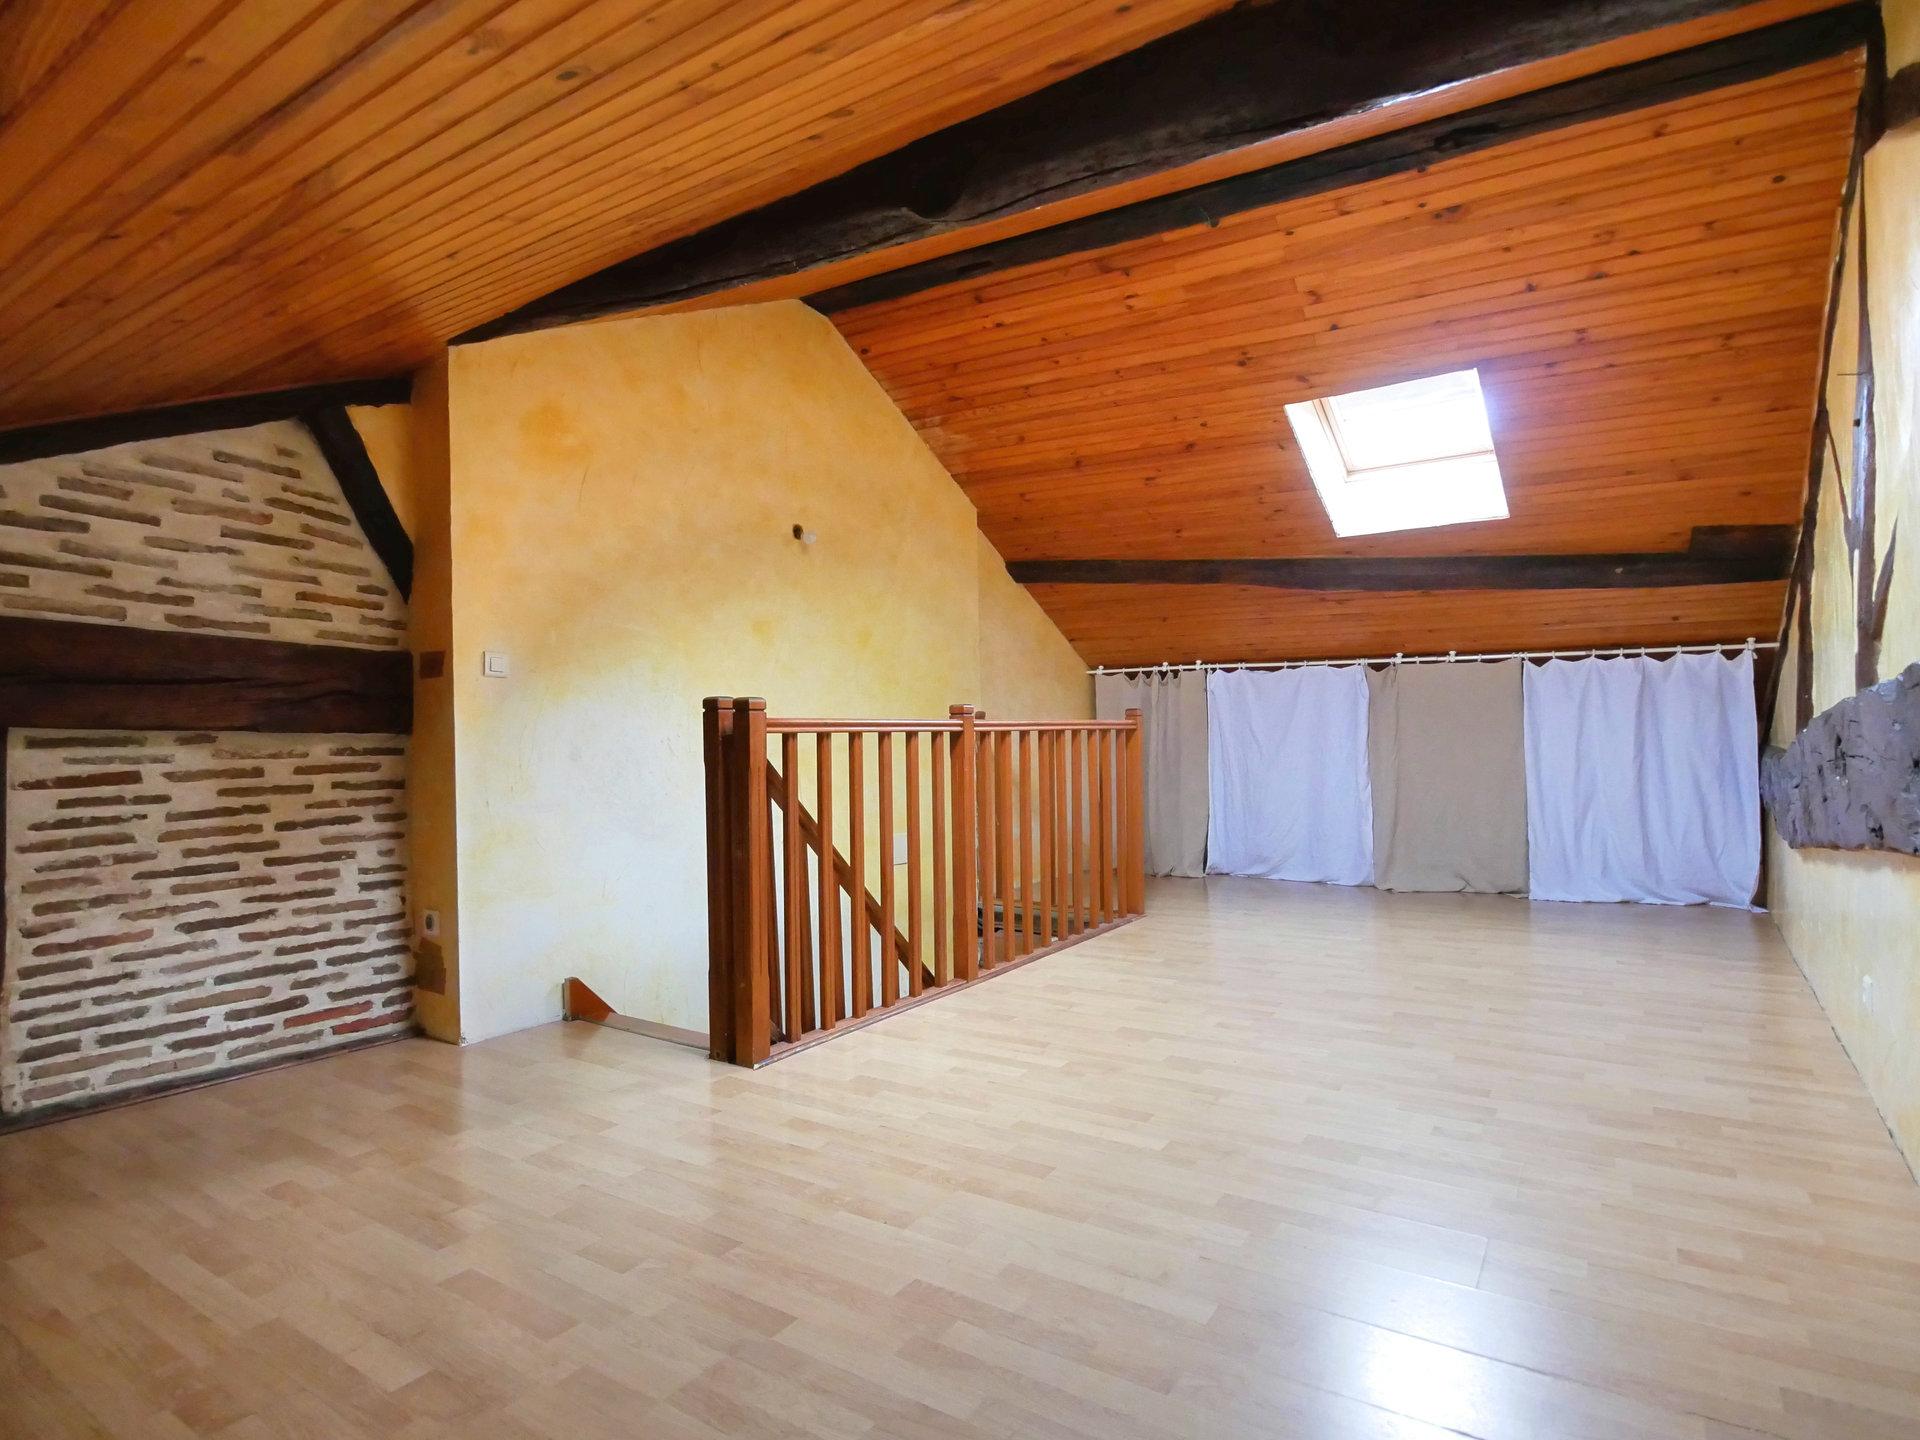 SOUS COMPROMIS DE VENTE  -  En Exclusivité, proche de Montrevel-en-Bresse et de ses commodités, découvrez cette grande maison familiale d'environ 170 m² au sol. Le rez-de-jardin comprend une grande pièce de vie avec séjour, salon et cuisine équipée, une chambre, un dressing, une salle de bains et un toilette. L'étage mansardé comprend un palier et quatre chambres. Vous bénéficiez également d'un grand garage avec grenier, un abri véhicules, un puits, deux terrasses et un jardin de 1900 m² environ. La rénovation récente est un atout: toiture, menuiseries PVC, volets roulants, isolation extérieure, panneaux photovoltaïques, poêle à granulés. Certains travaux restent à terminer. Honoraires à la charge du vendeur.